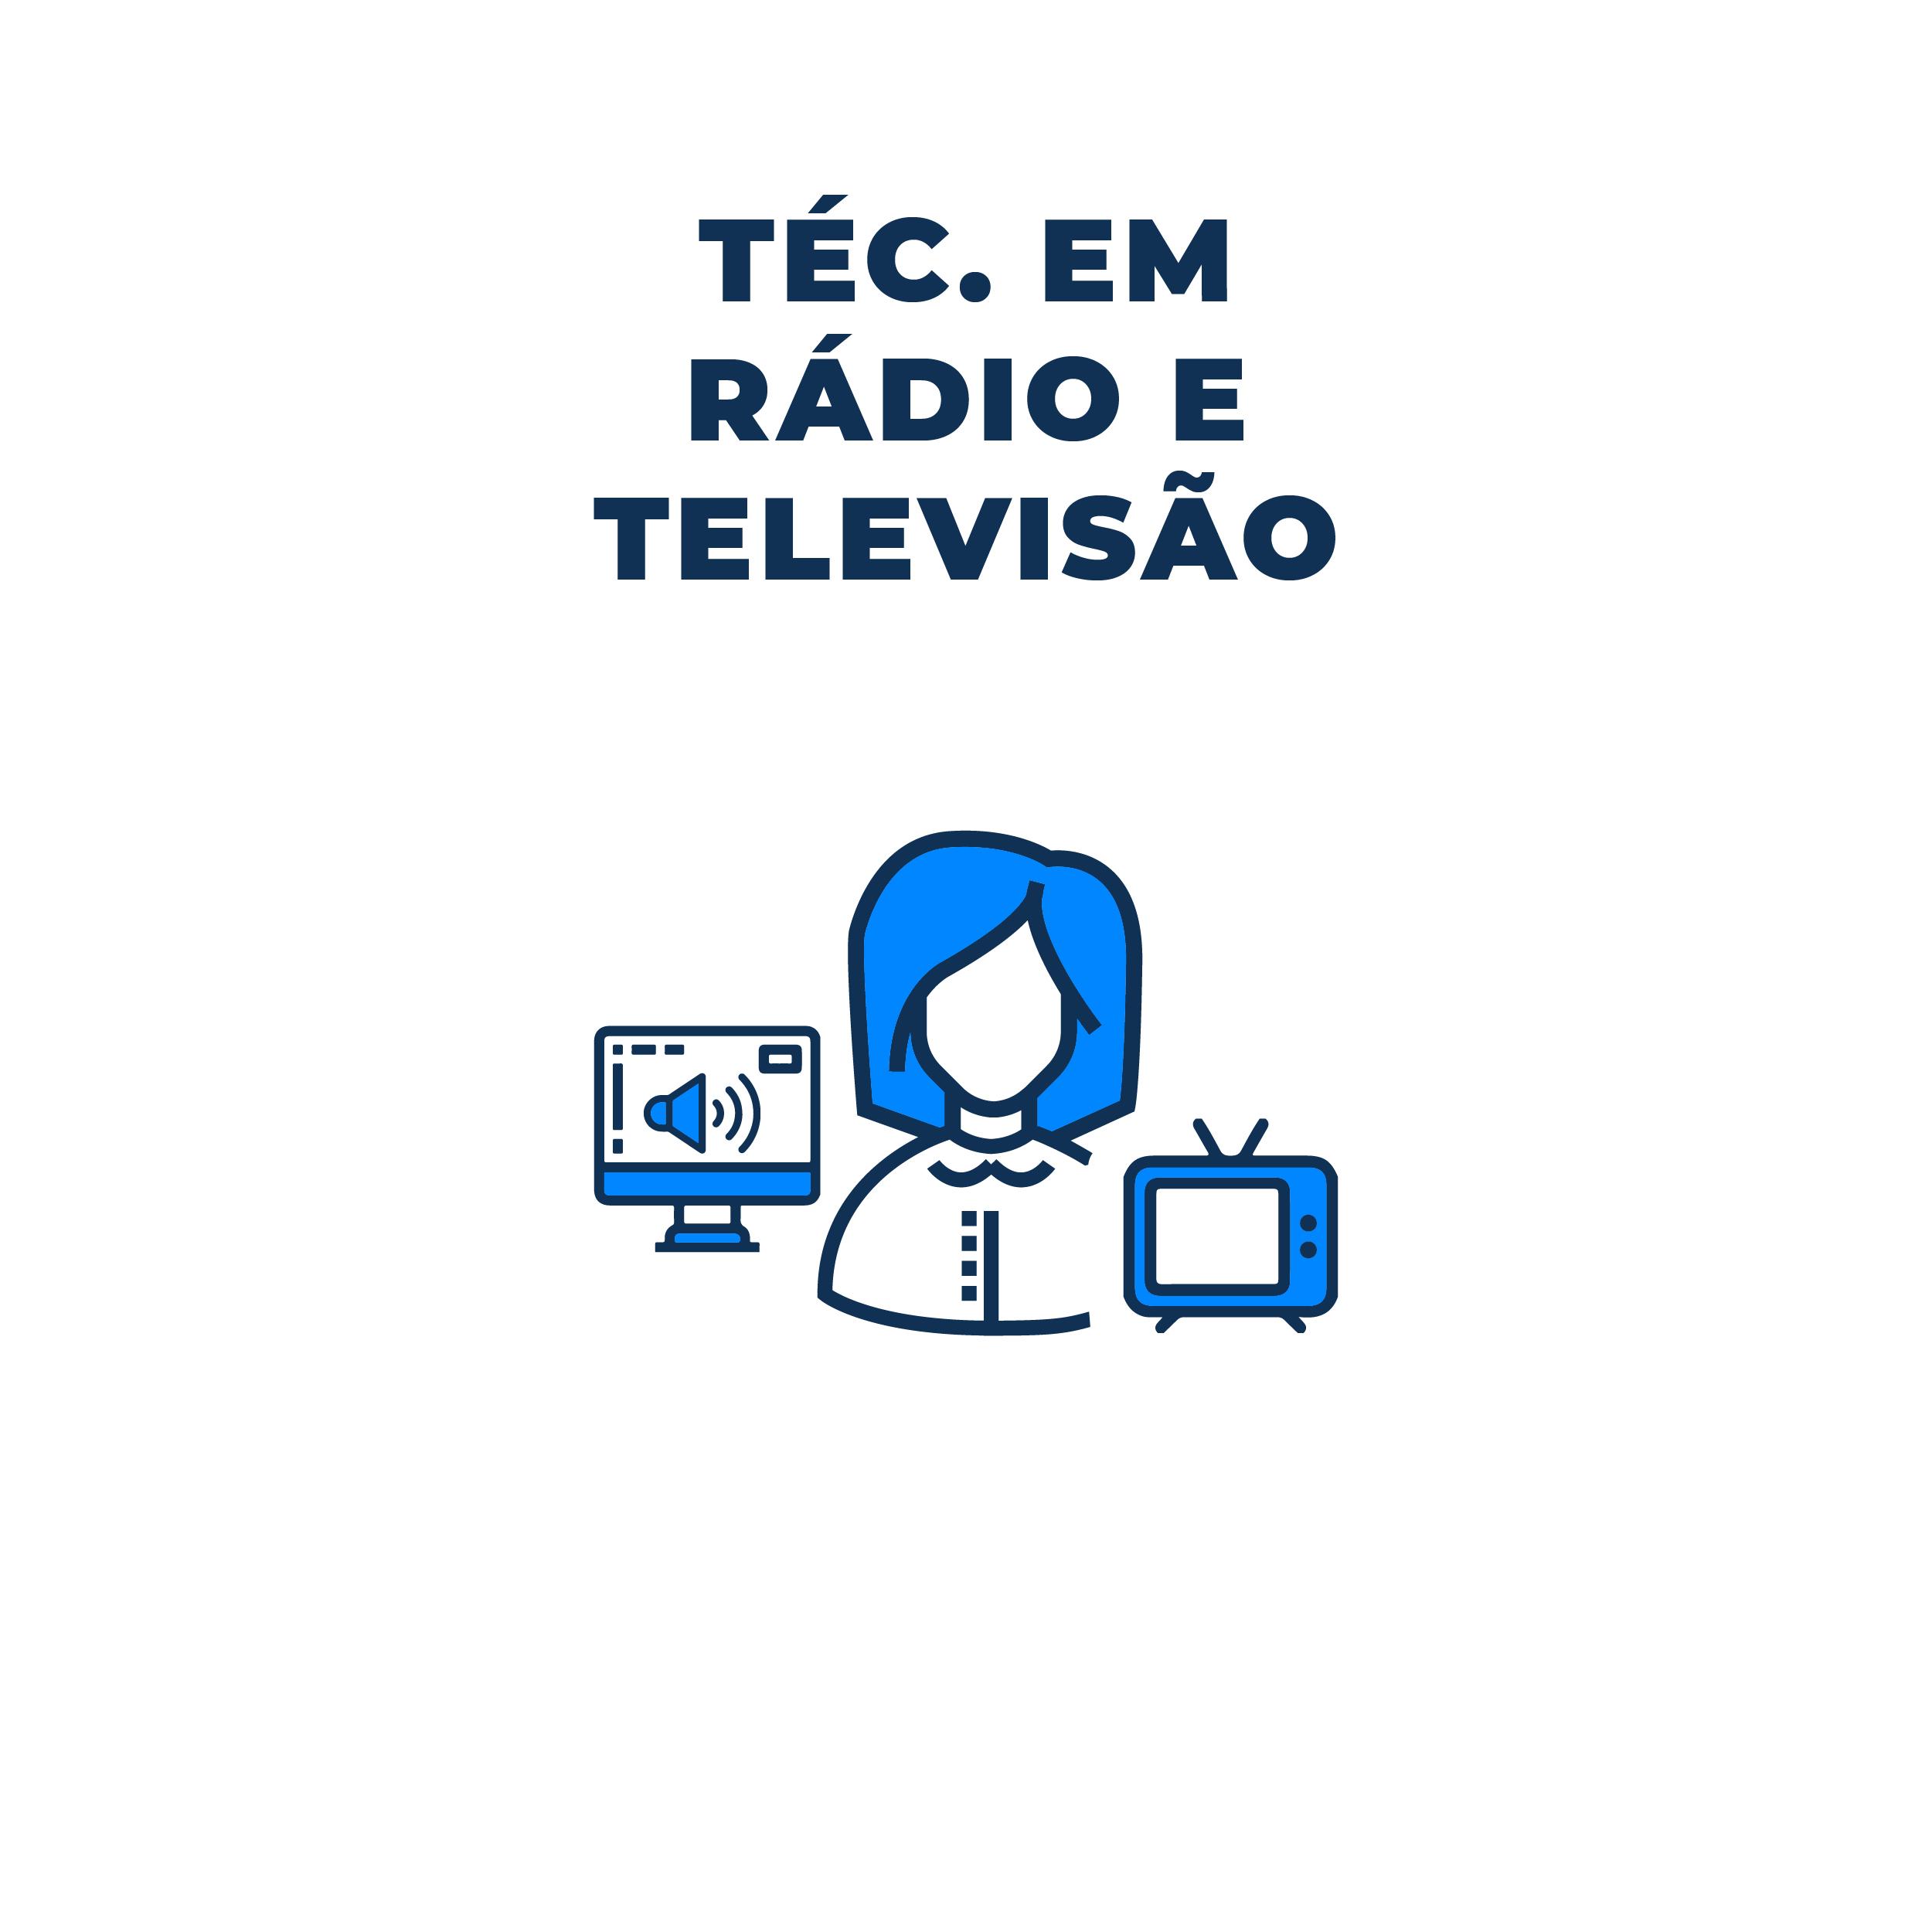 radio e televisao